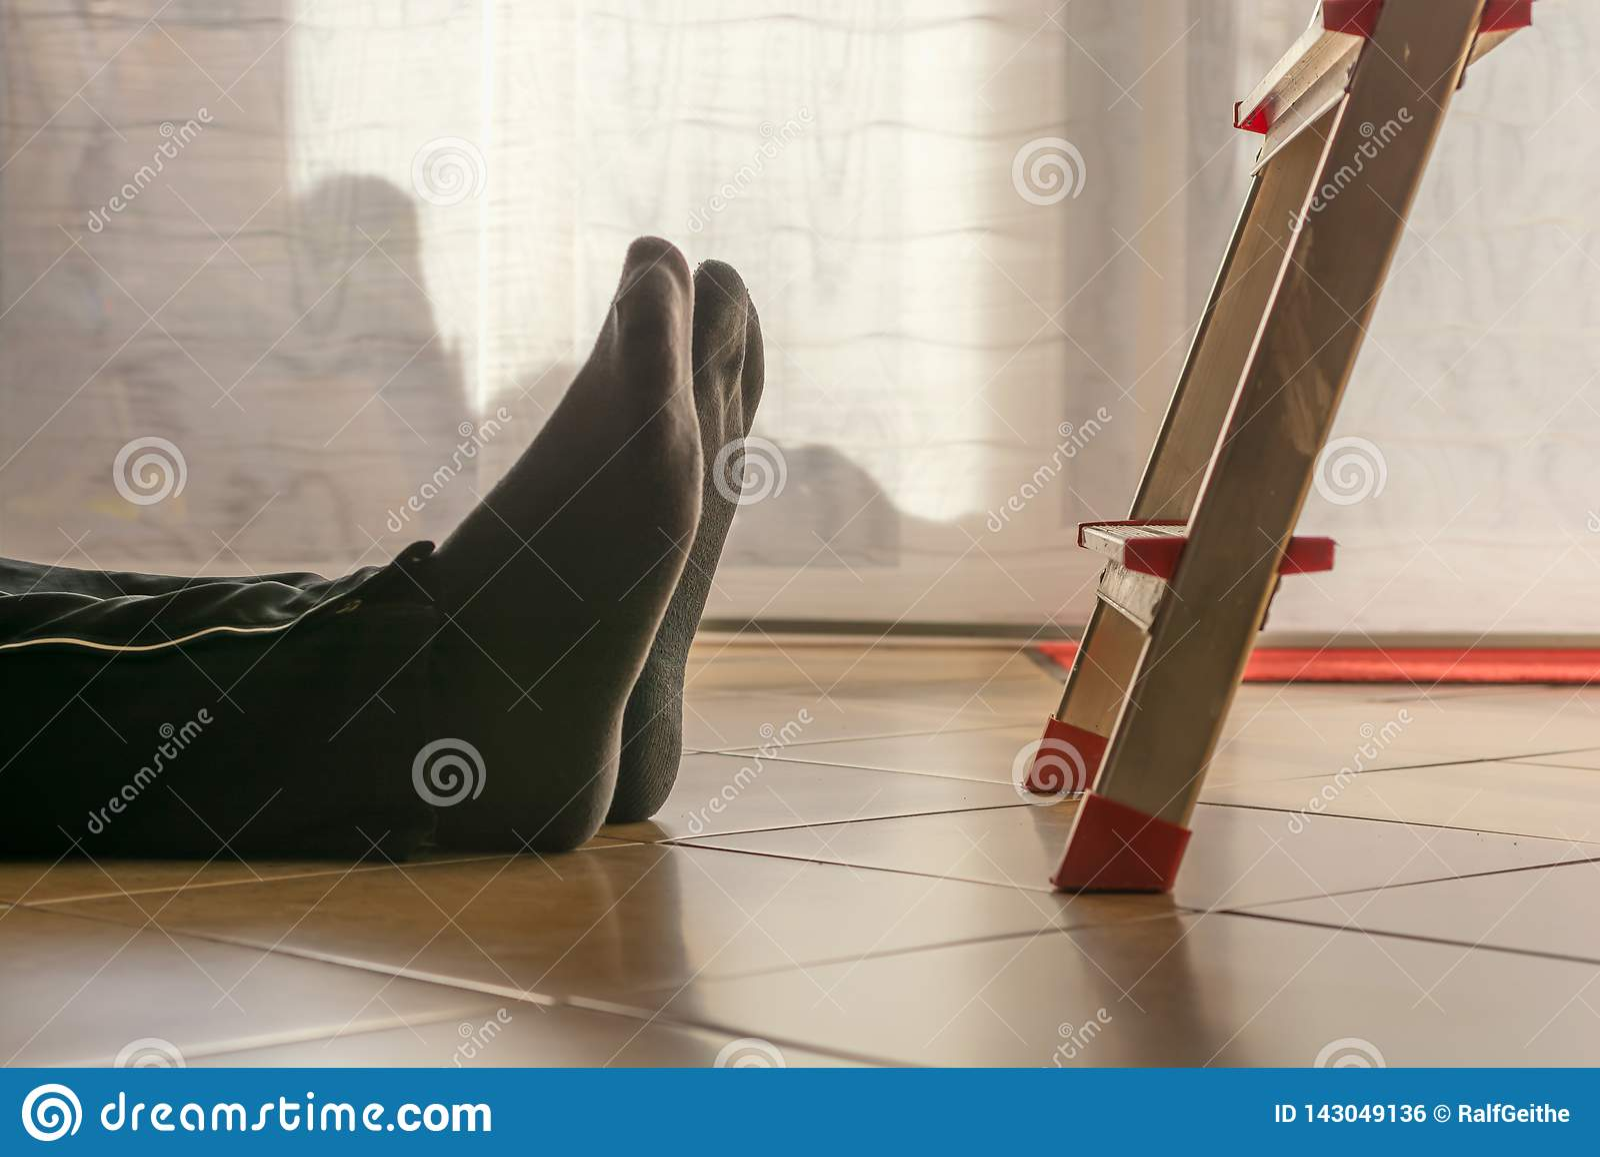 Olyckan i hushållet med en man tittade in stegen